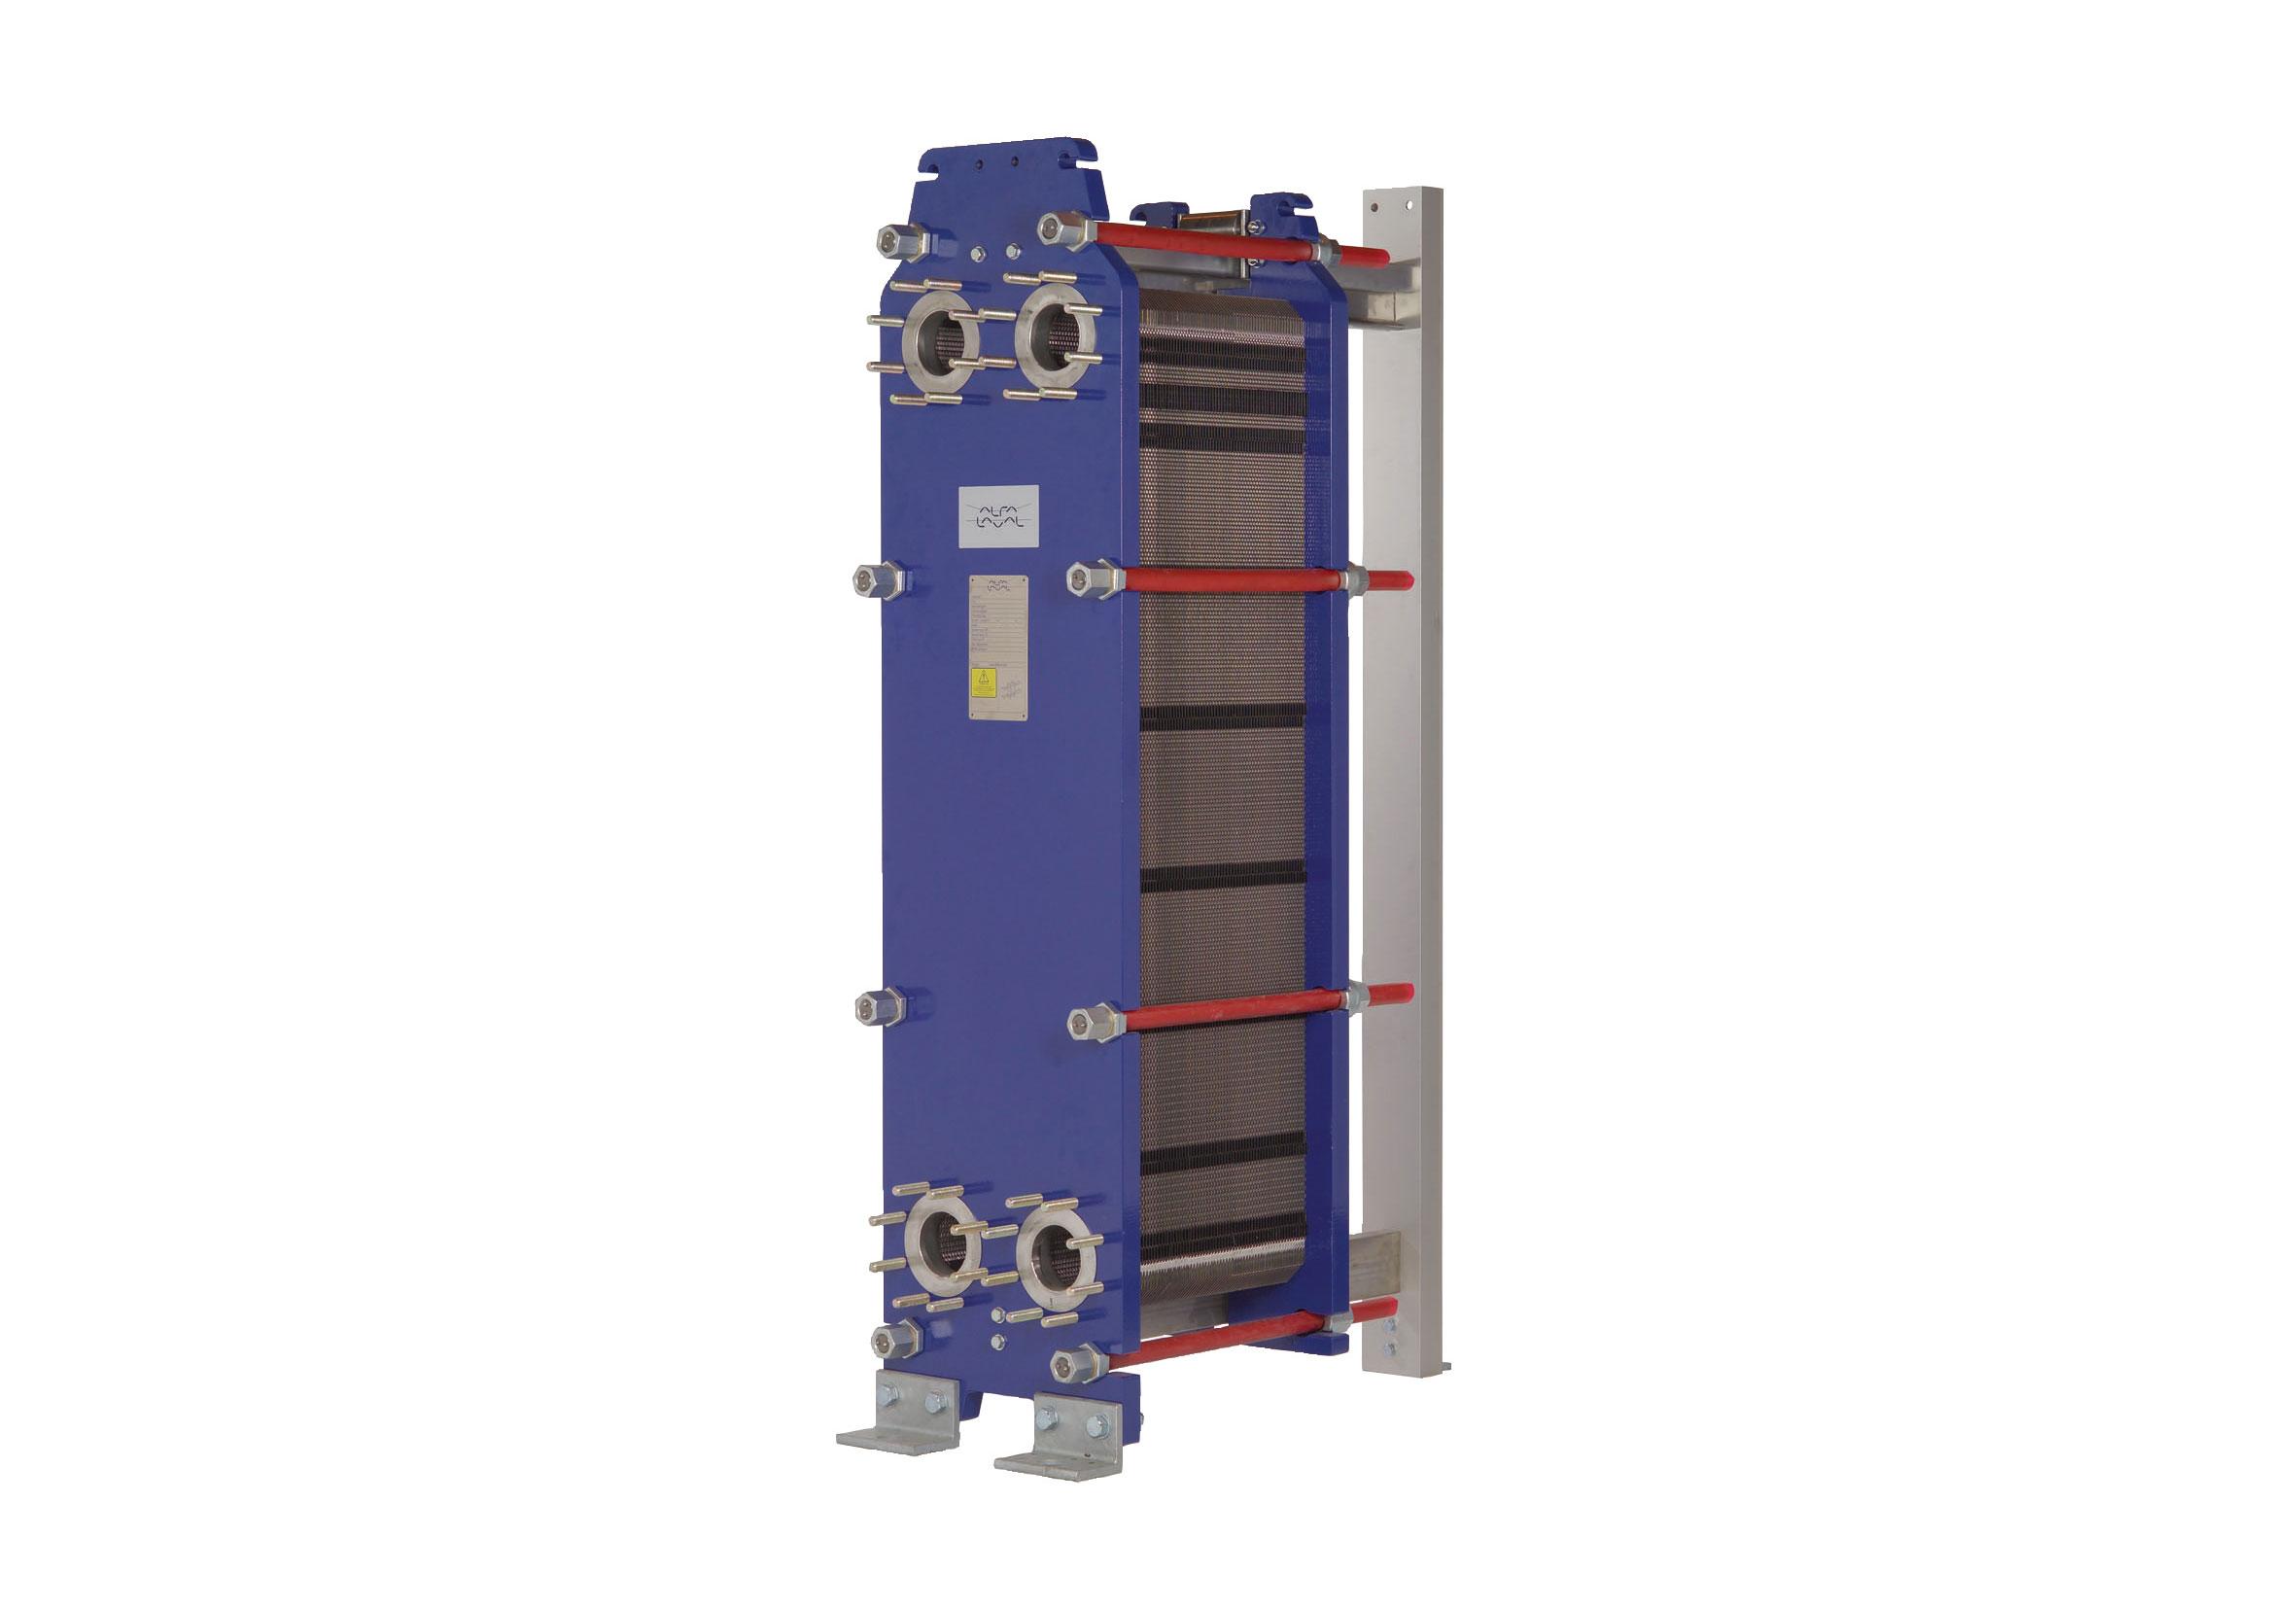 WideGap 100 – новый компактный теплообменник для работы со средами, содержащими крупные частицы и волокна